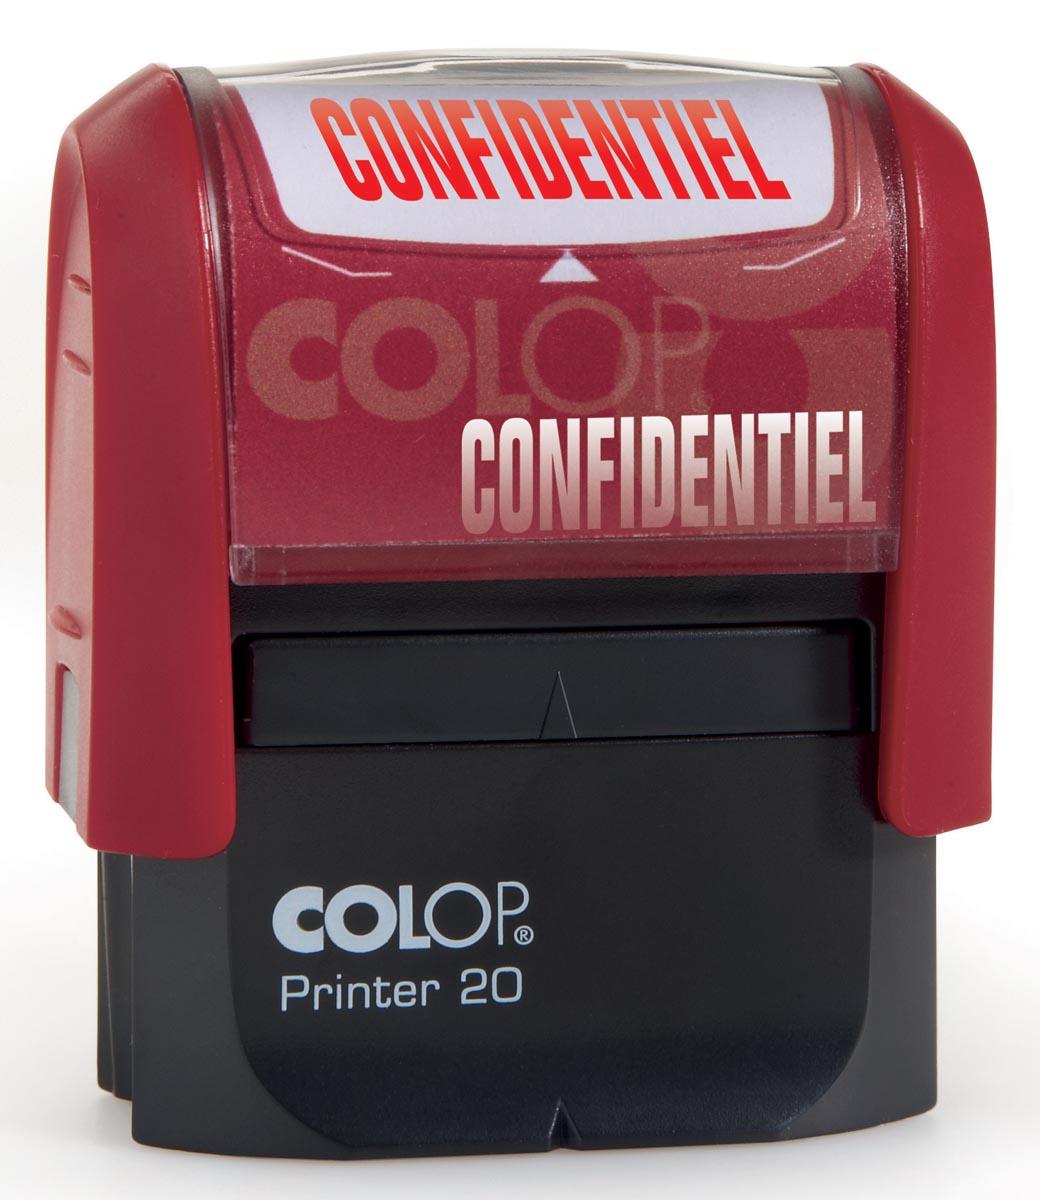 Colop formulestempel Printer tekst: CONFIDENTIEL